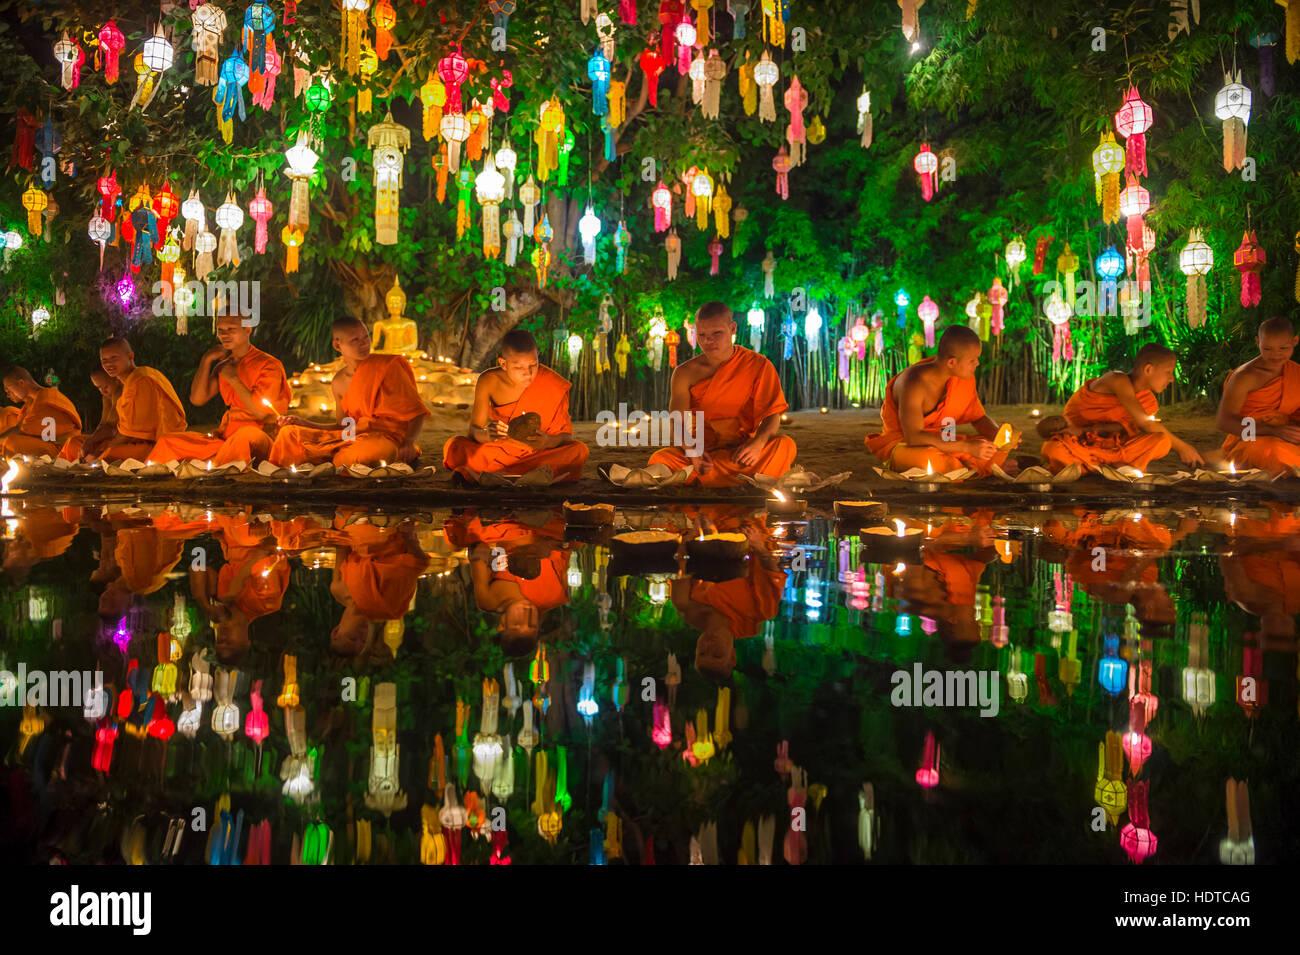 CHIANG MAI, Thailandia - Novembre 06, 2014: giovani monaci buddisti sit meditando in un festival delle luci Loi Immagini Stock